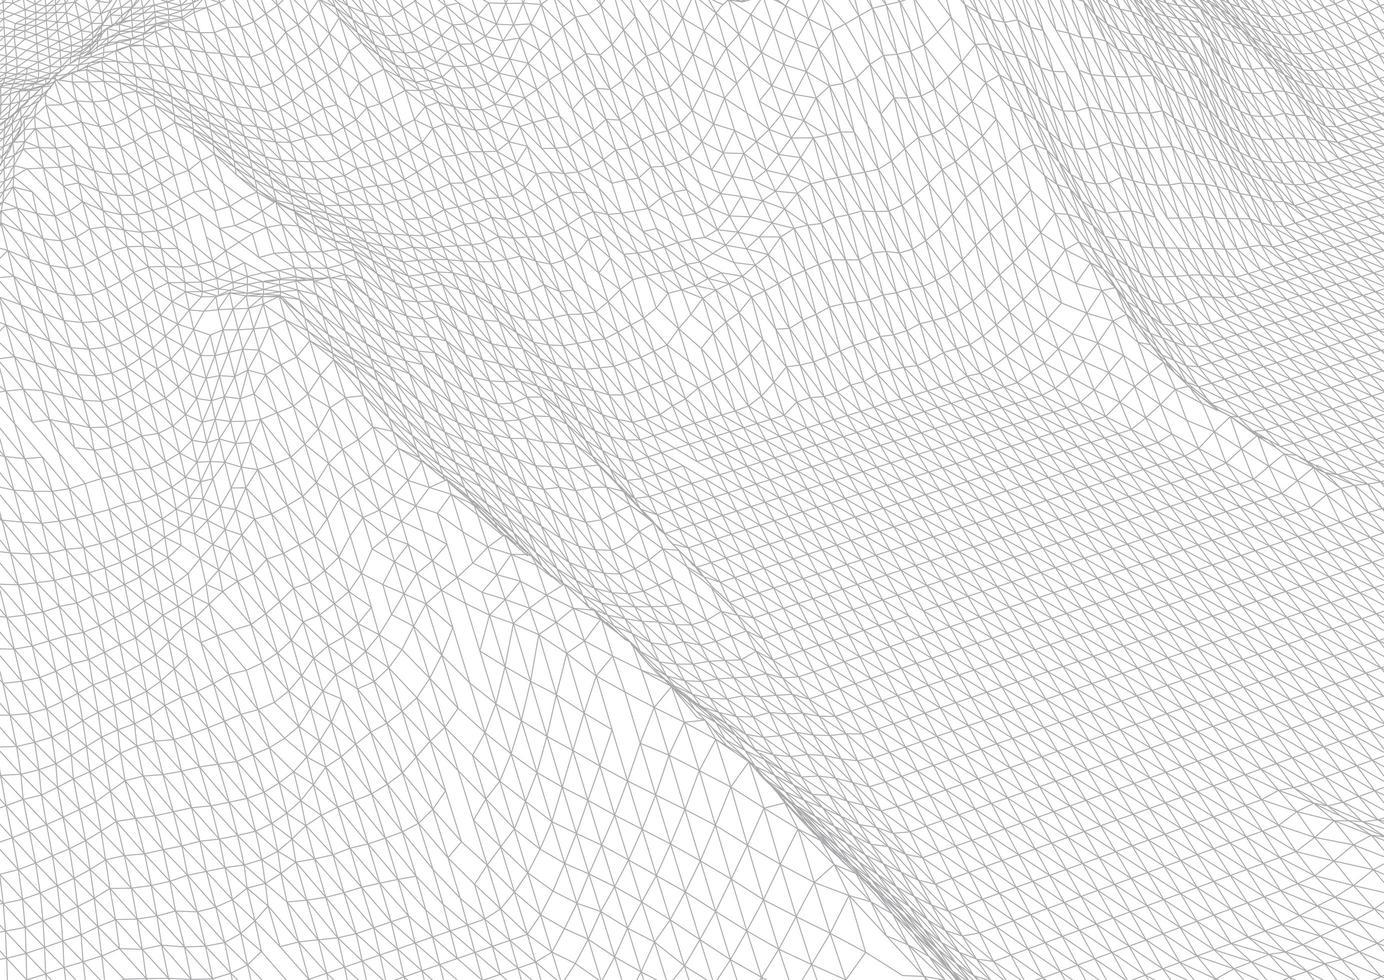 terreno abstracto de marco de alambre en blanco y negro vector